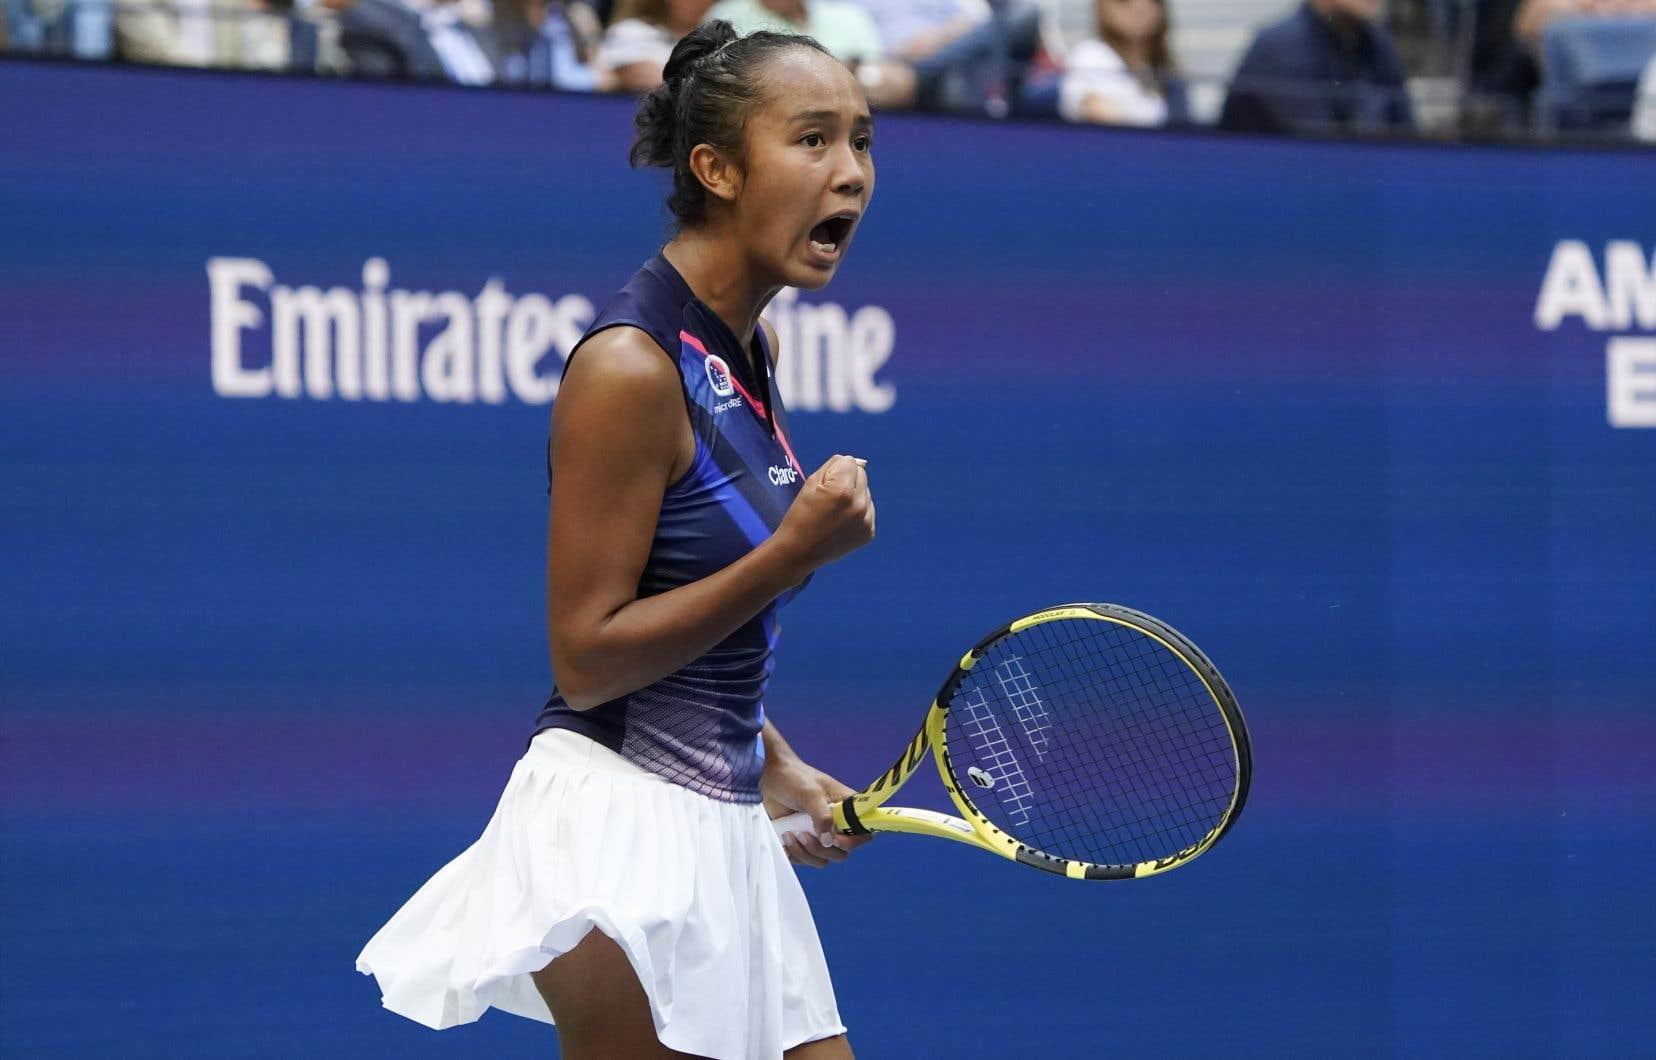 Le jeune Québécoise Leylah Annie Fernandez se hisse maintenant au 28e rang du classement WTA.